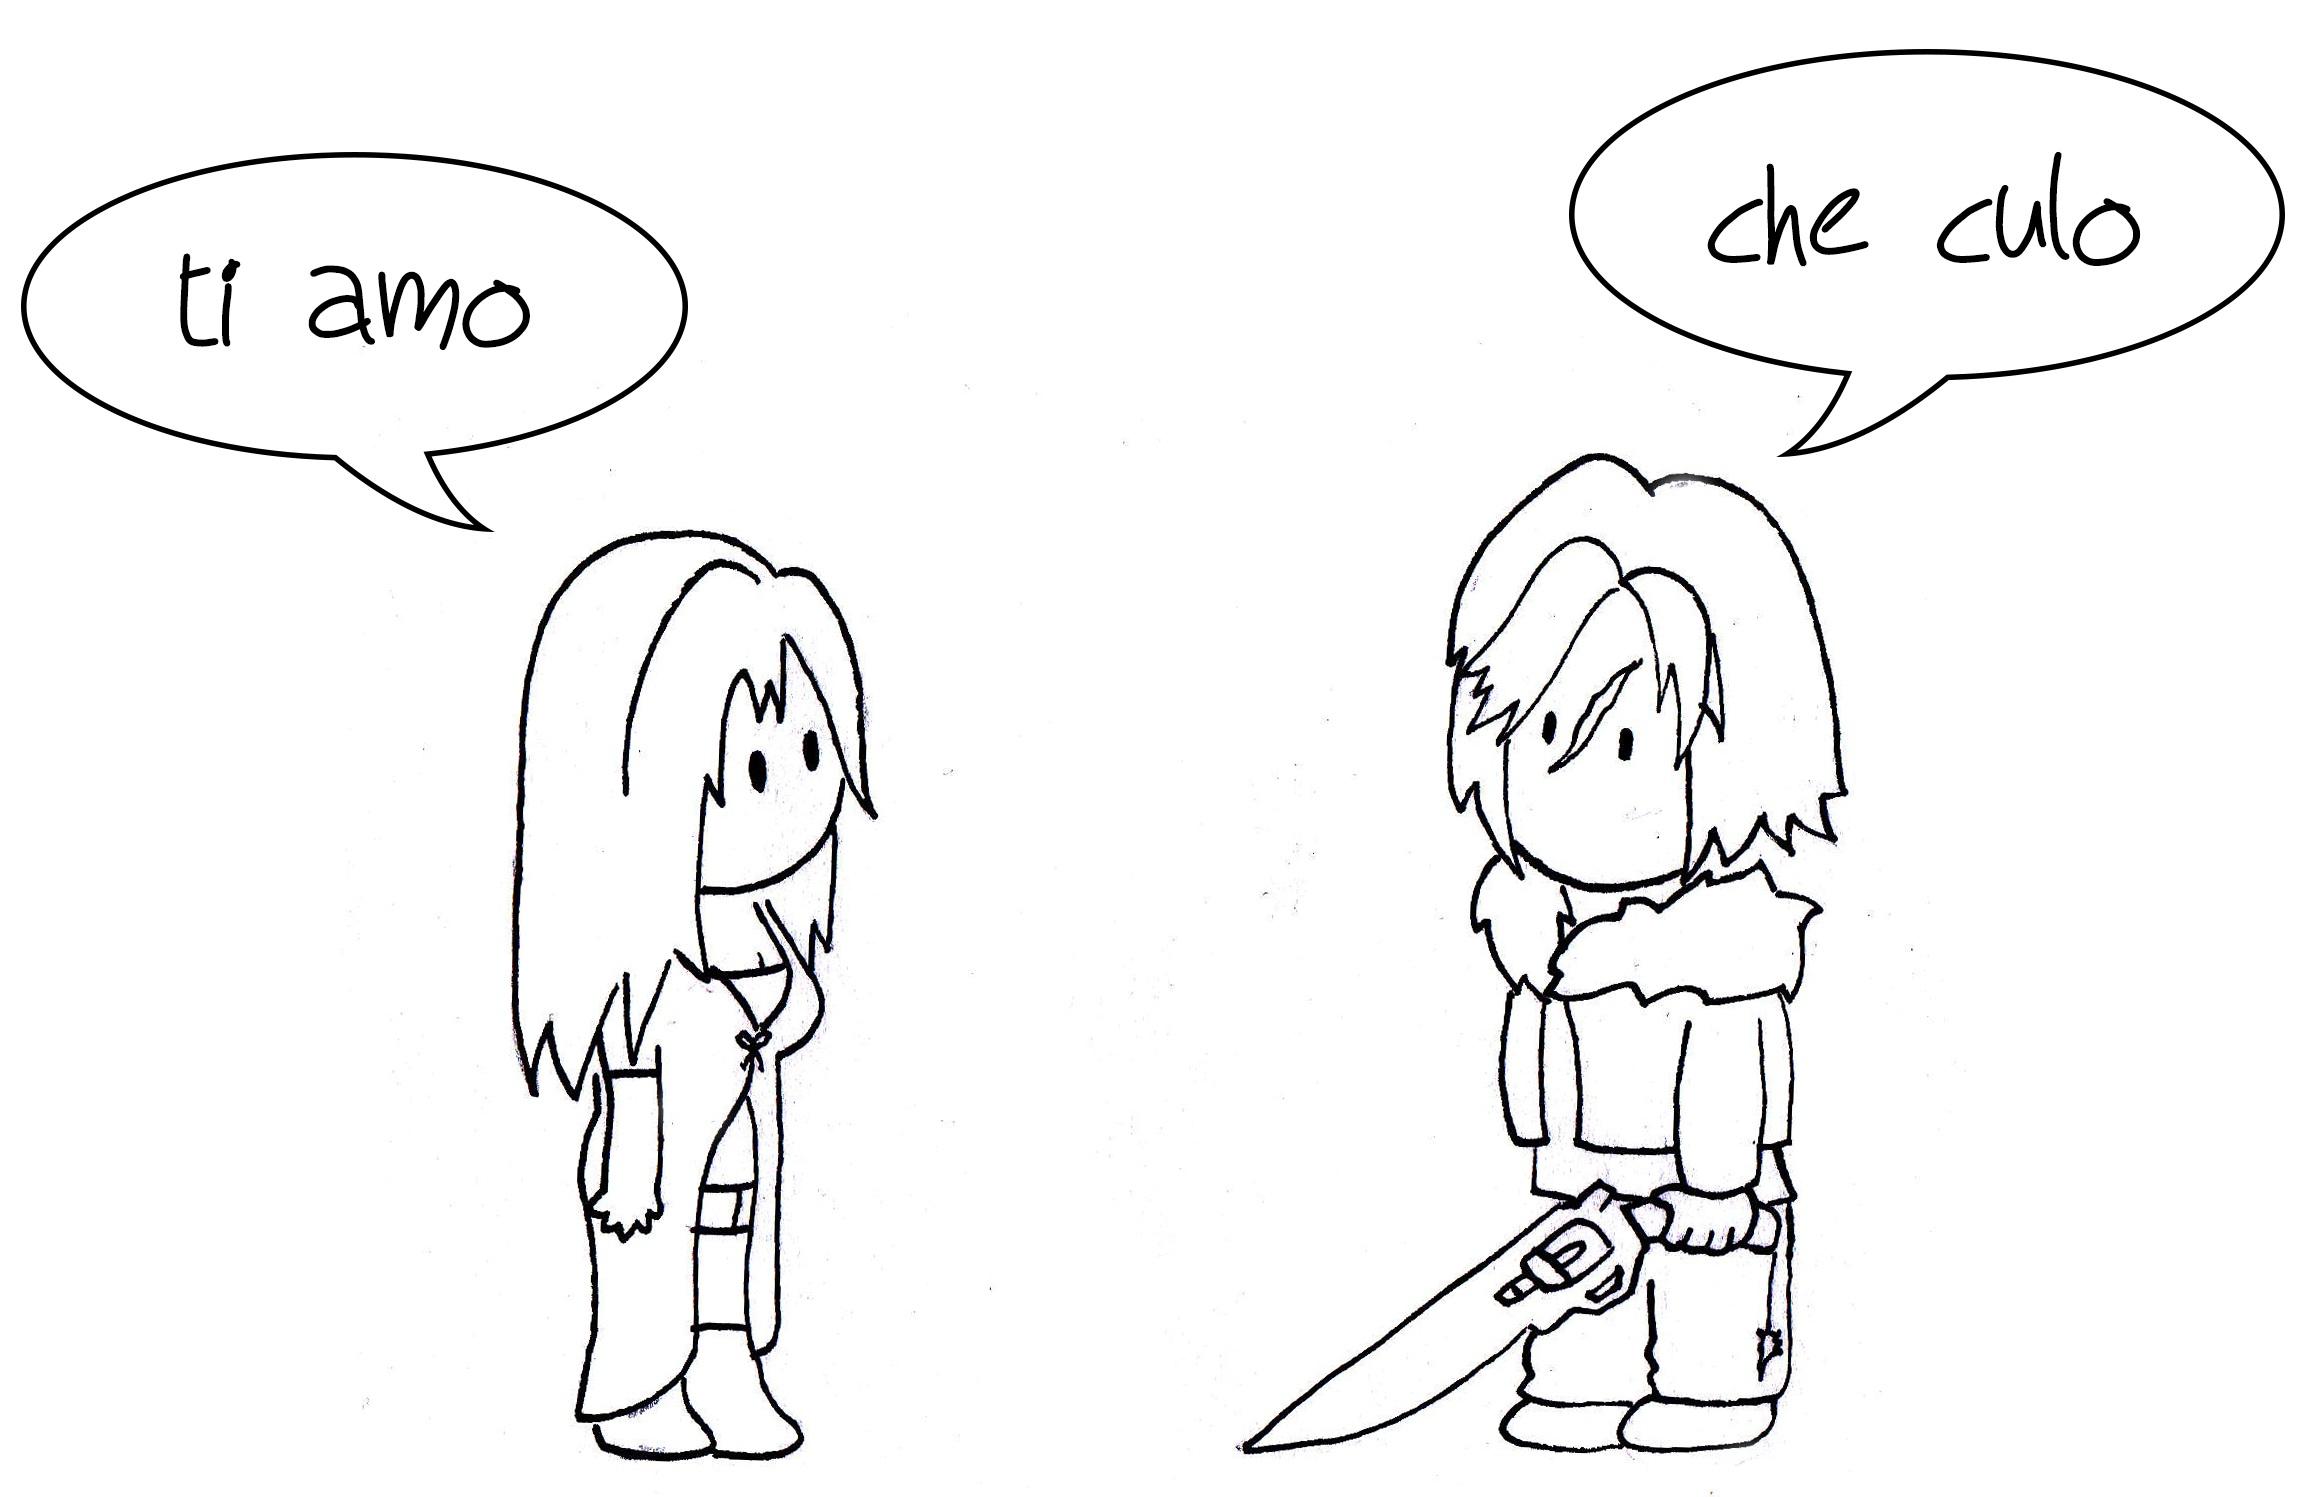 Immagini divertenti - Pagina 3 Final_fantasy_8_-_vignetta_squall_e_rinoa